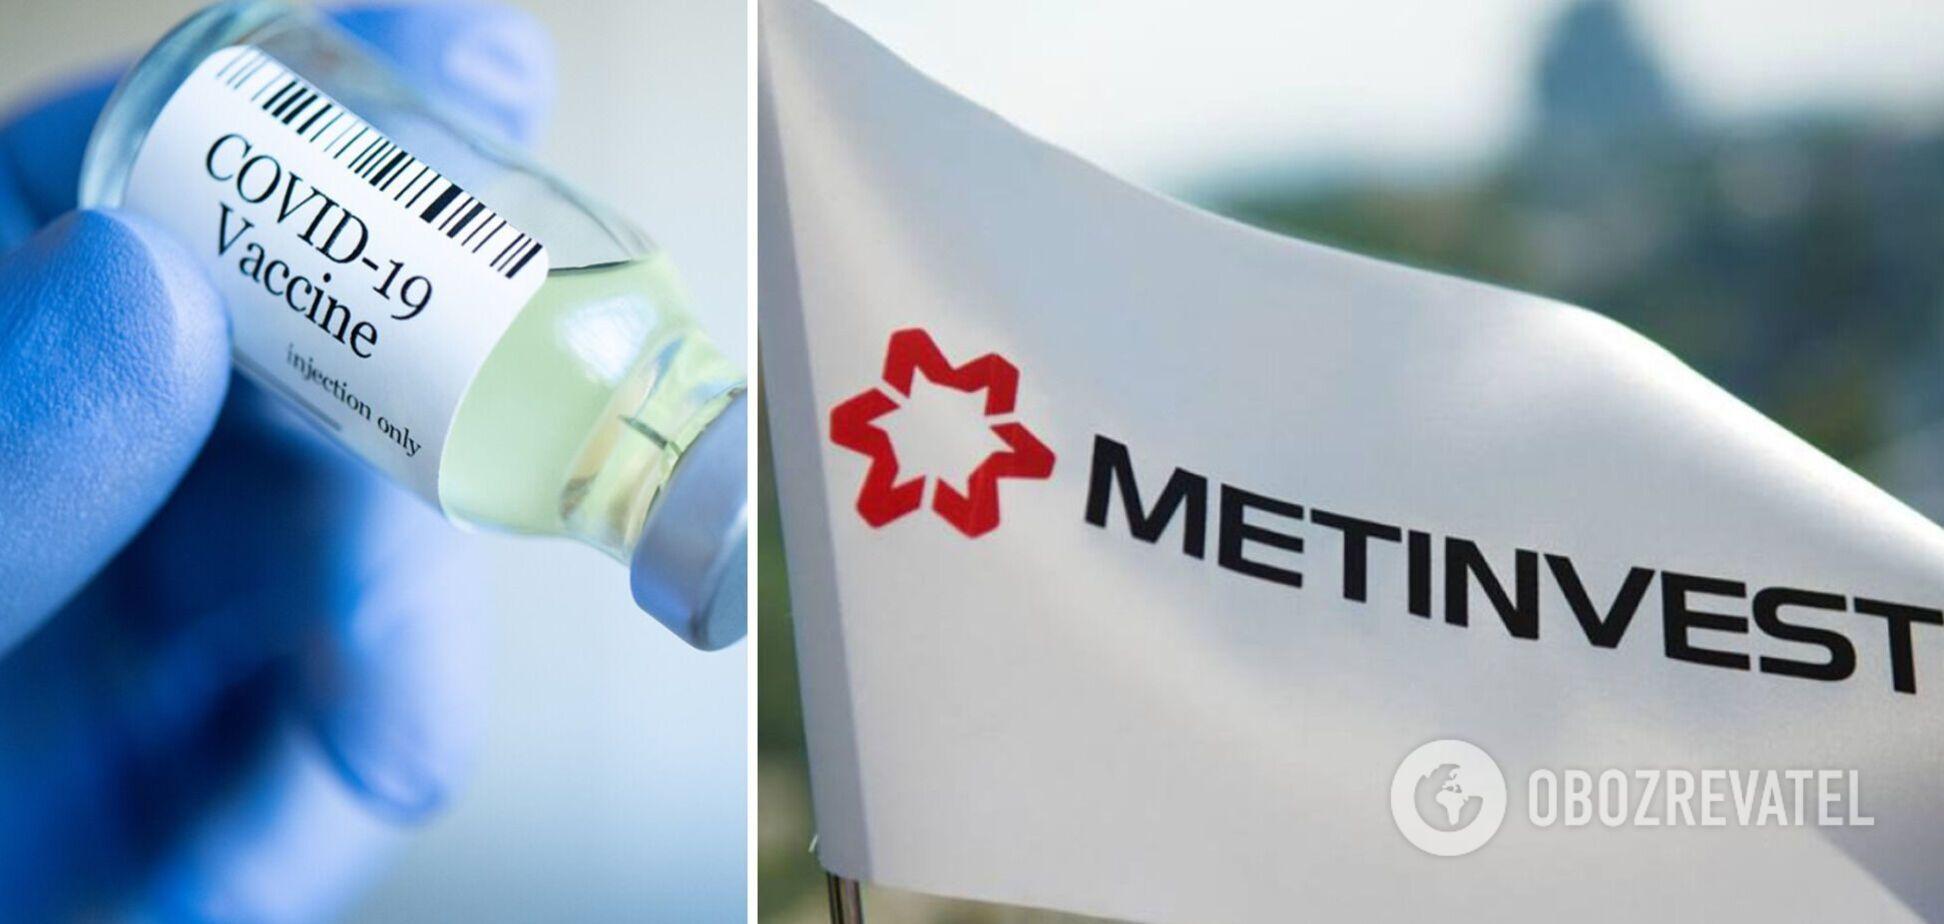 'Метінвест' додасть три дні до відпустки повністю вакцинованим співробітникам